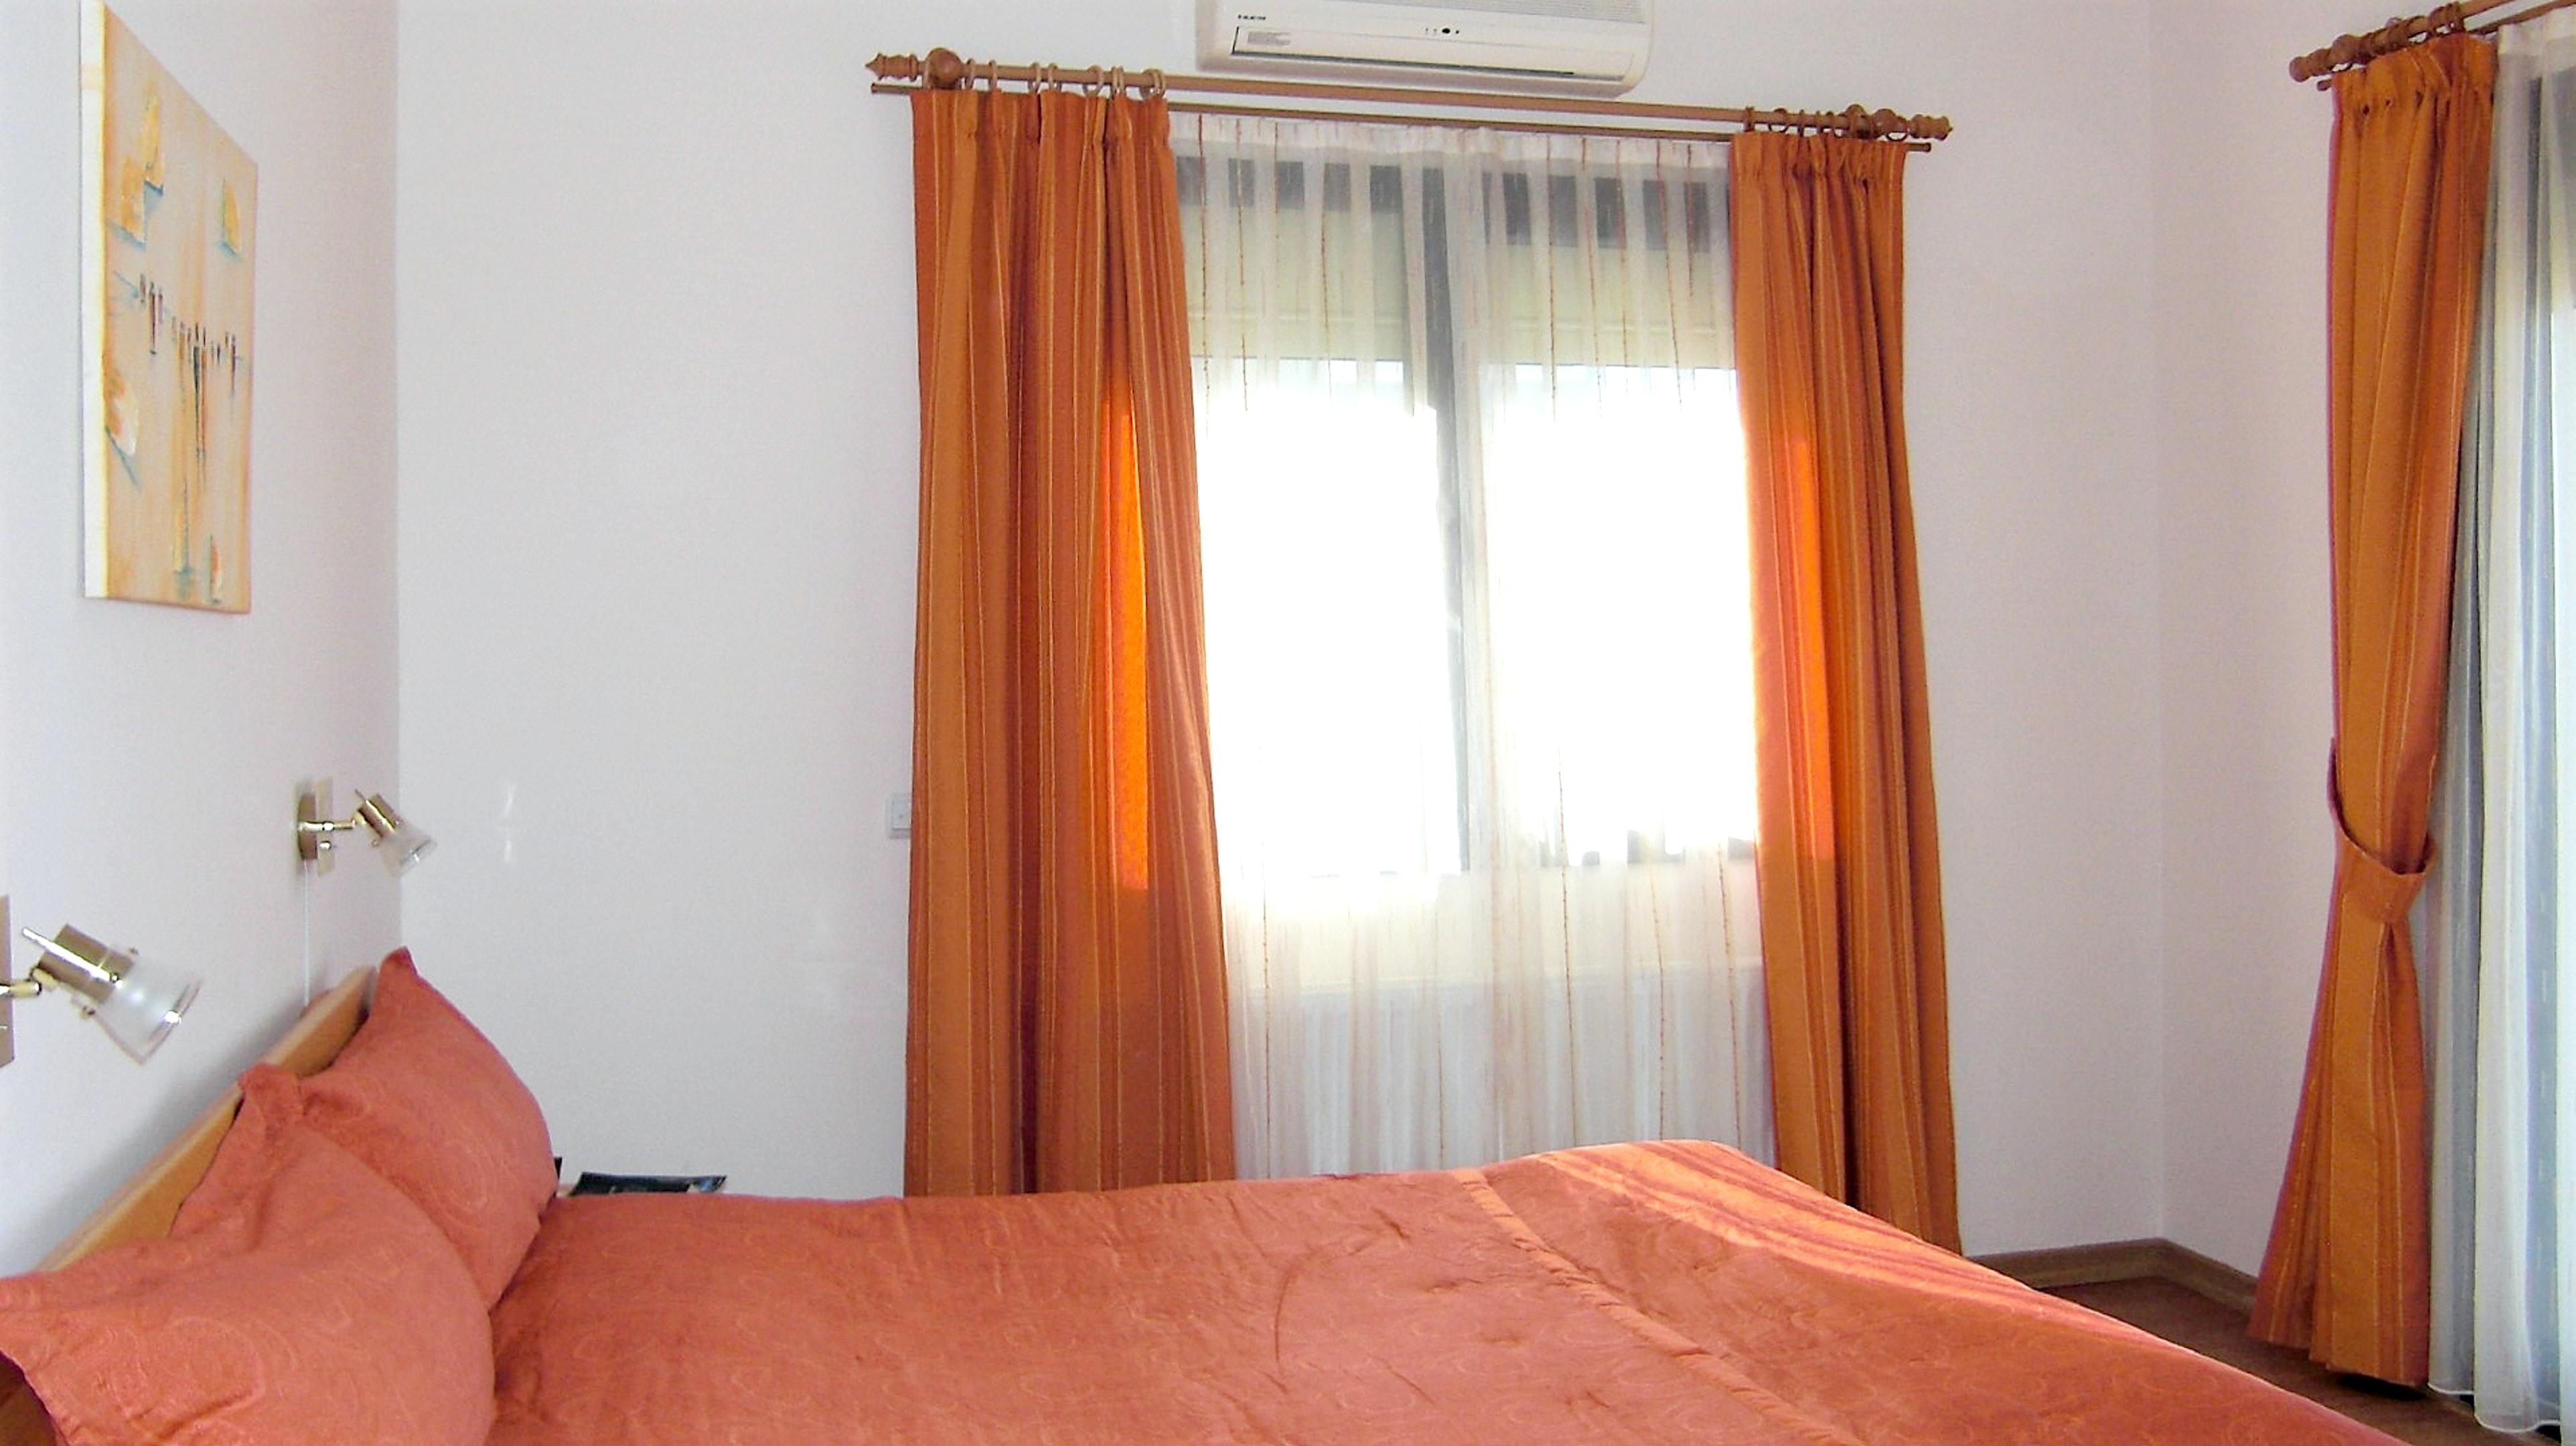 Ferienhaus Villa mit 3 Schlafzimmern in Turgutreis,Bodrum mit herrlichem Meerblick, Pool, eingezäunte (2202326), Turgutreis, , Ägäisregion, Türkei, Bild 18